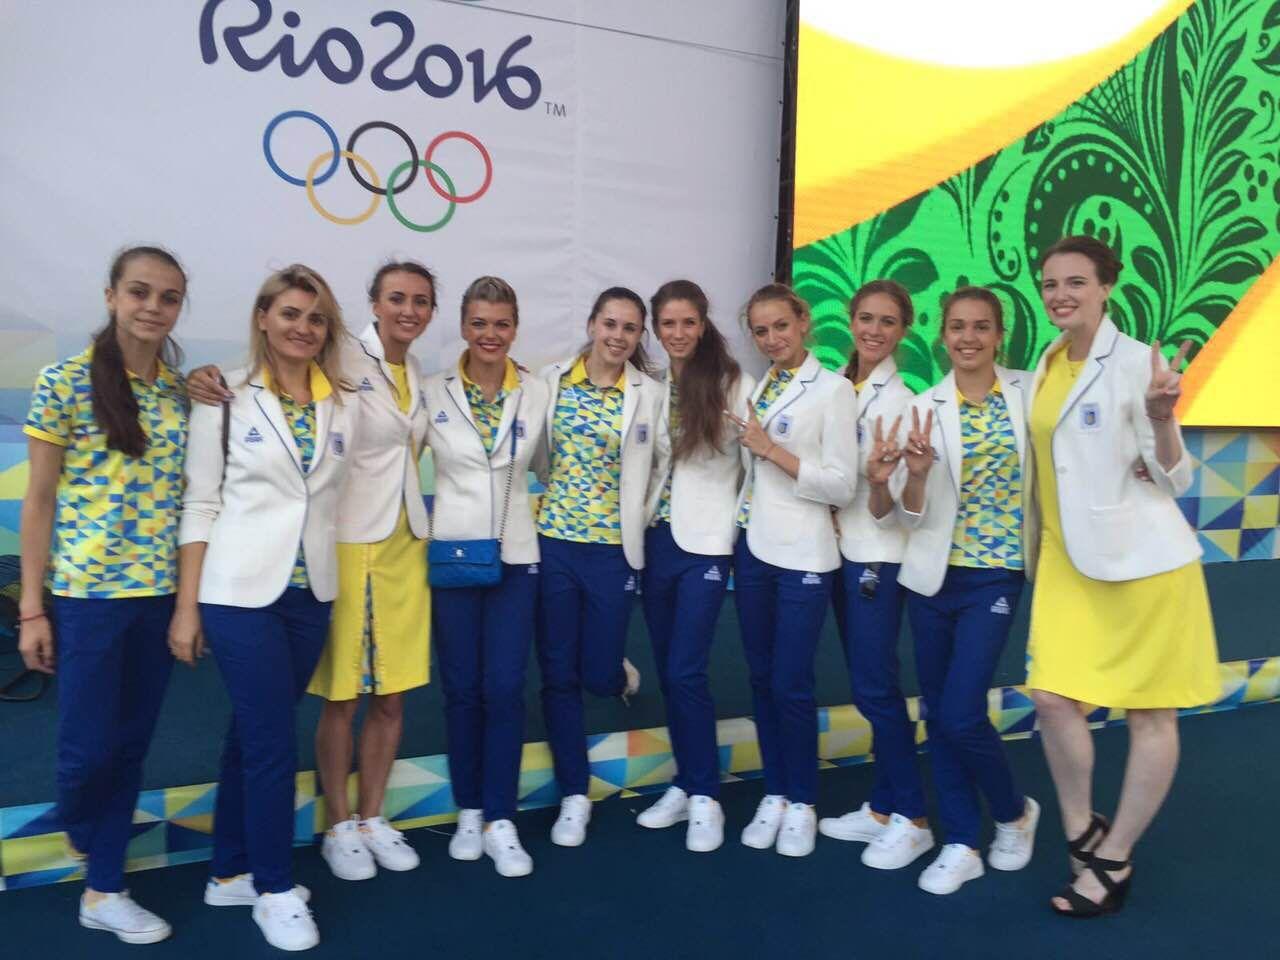 Анна Ризатдинова фото 2016 олимпиада рио